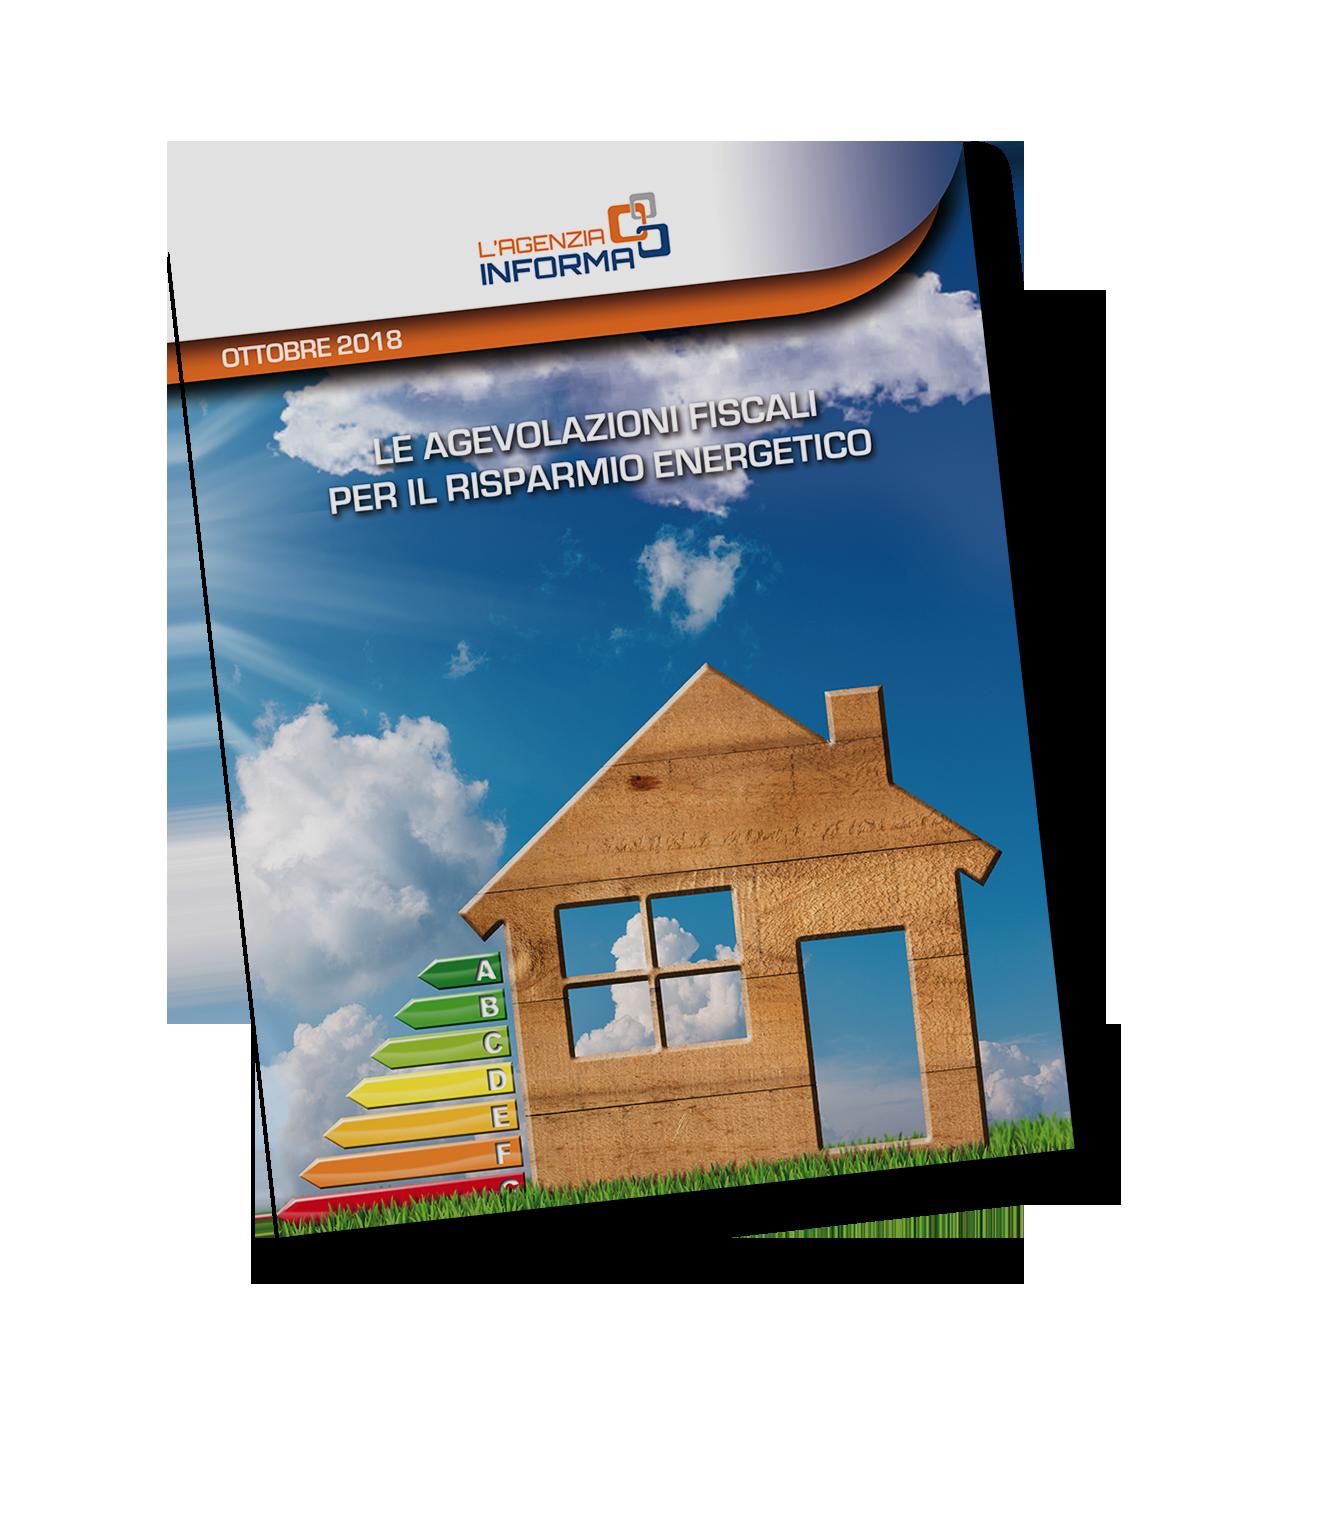 Nuova guida sulle agevolazioni fiscali per il risparmio for Agenzia delle entrate risparmio energetico